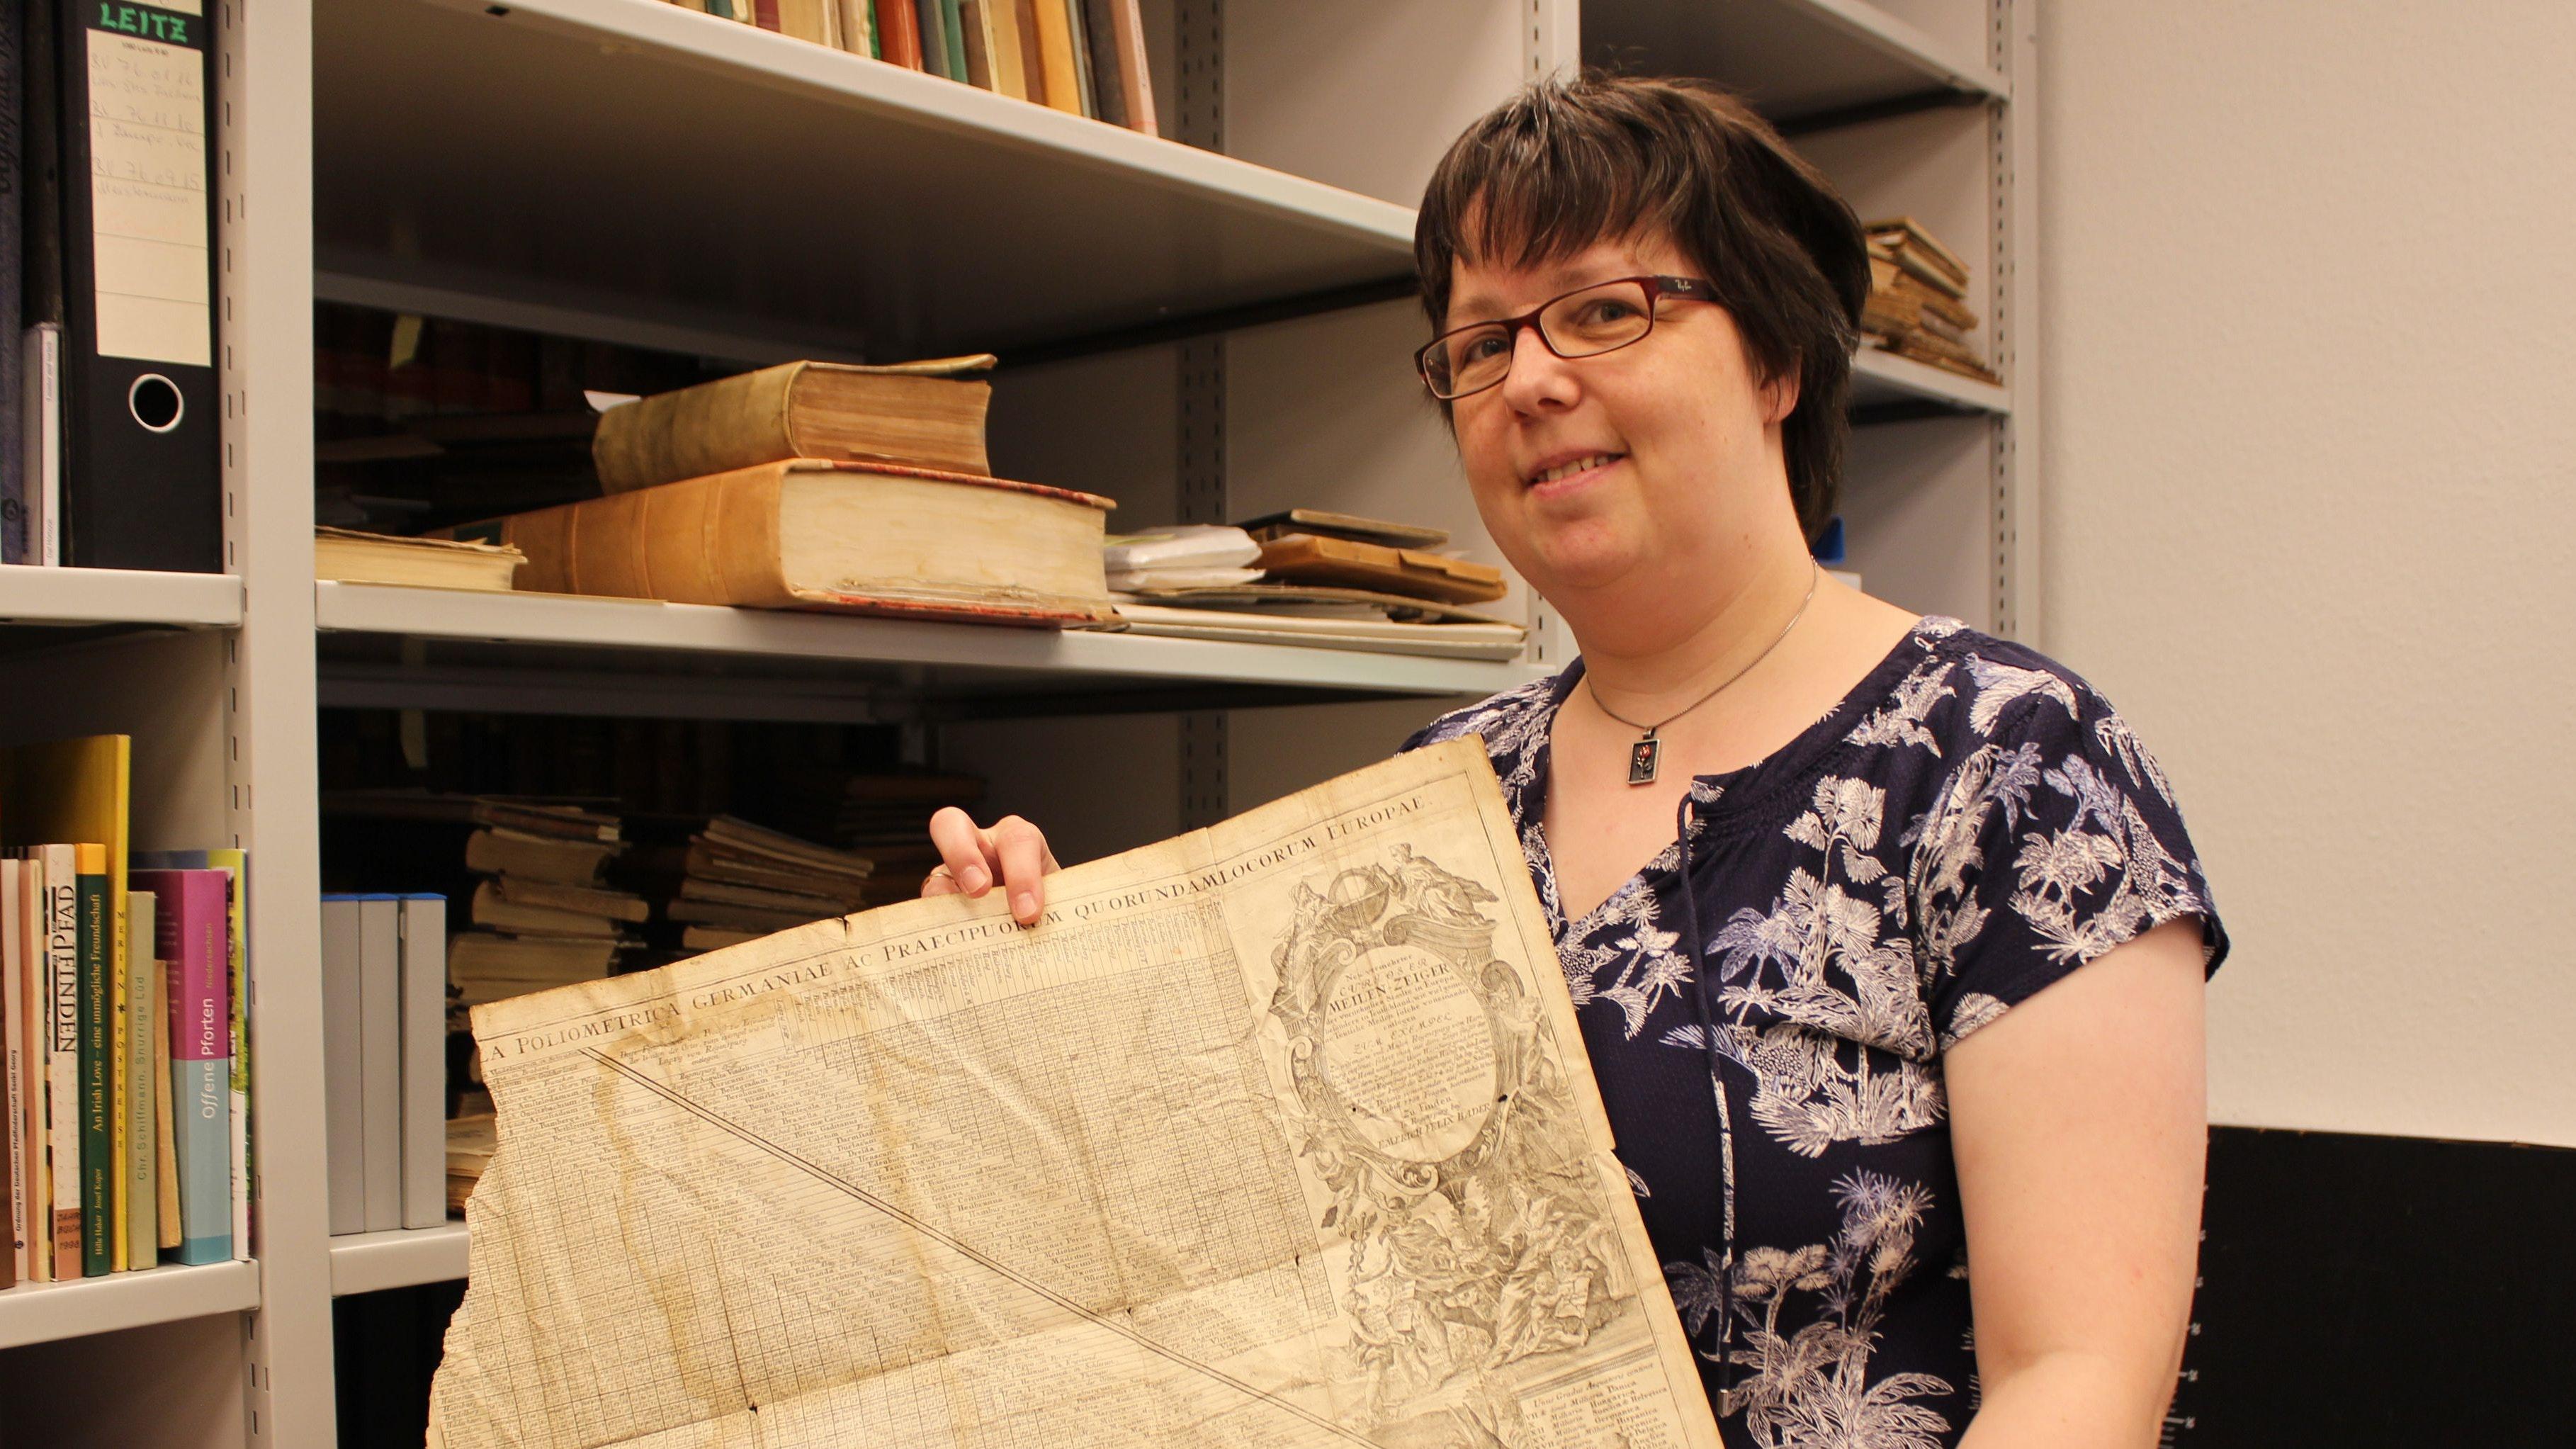 Eva-Maria Ameskamp stößt auf unterschiedlichstes Archivgut, wie hier eine Entfernungskarte. Foto: Heinzel